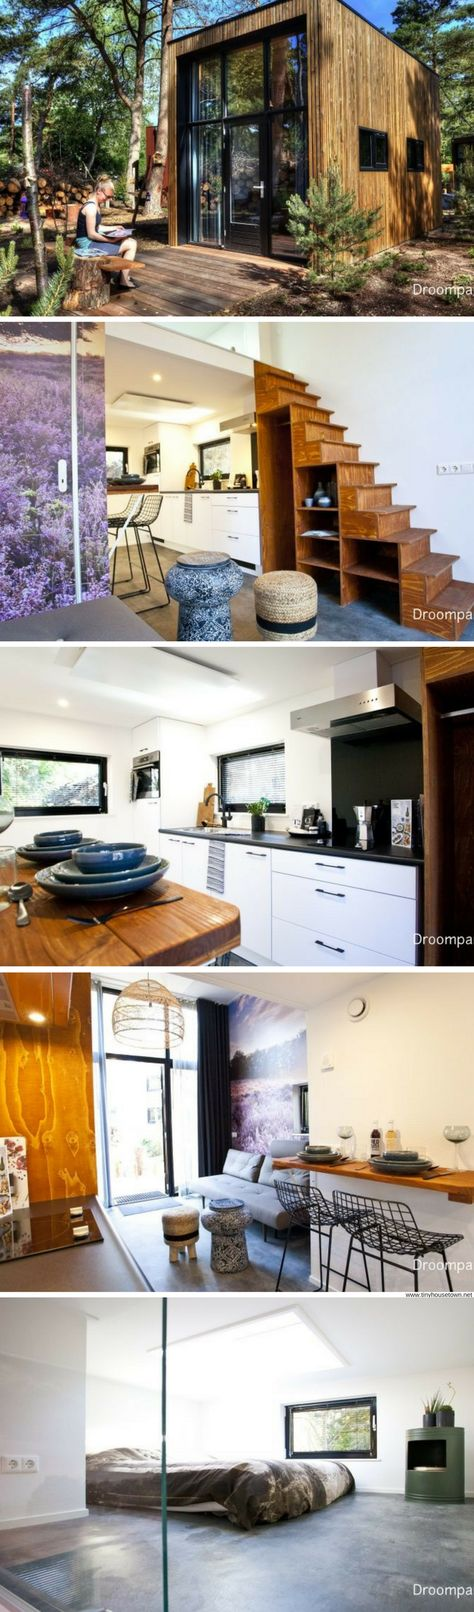 Mikrohaus, Österreich u2013 Modulhaus ab 28 qm Wohnfläche, mit - wohnideen 40 qm